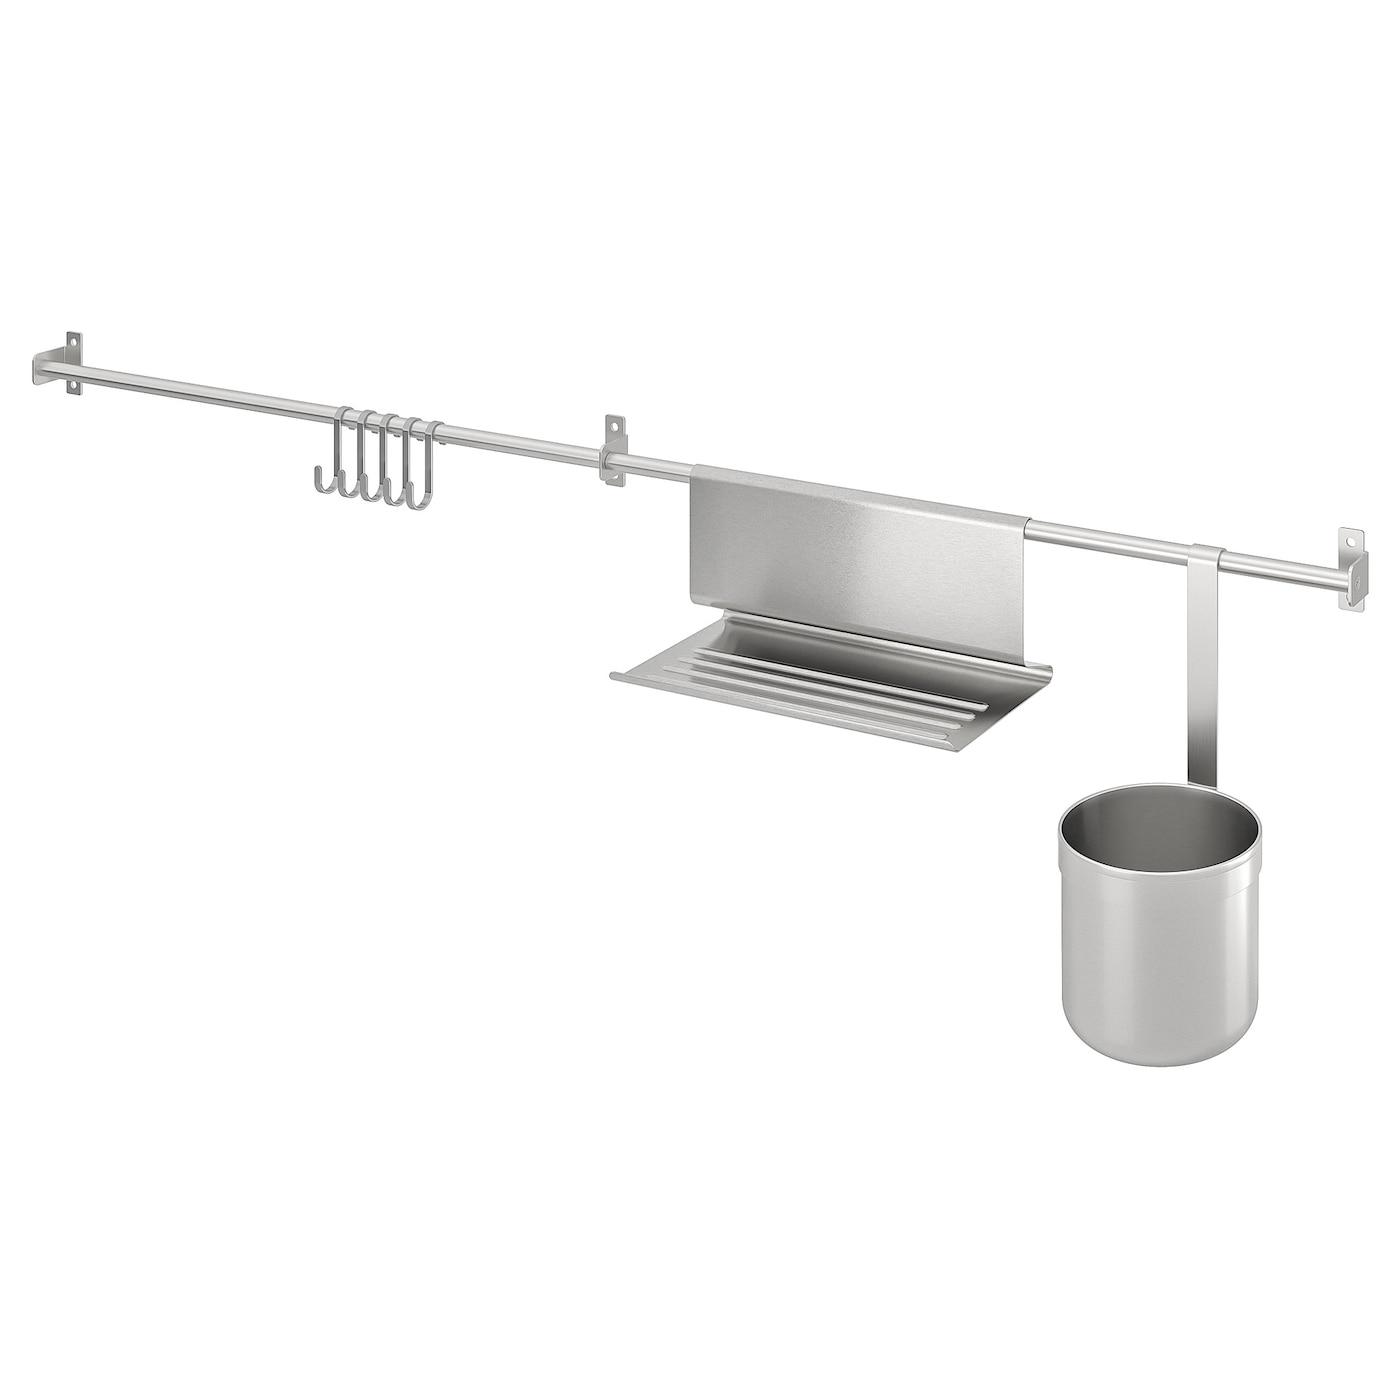 Kungsfors Stangen Haken Tablet Halt 1 Beha Edelstahl Ikea Deutschland